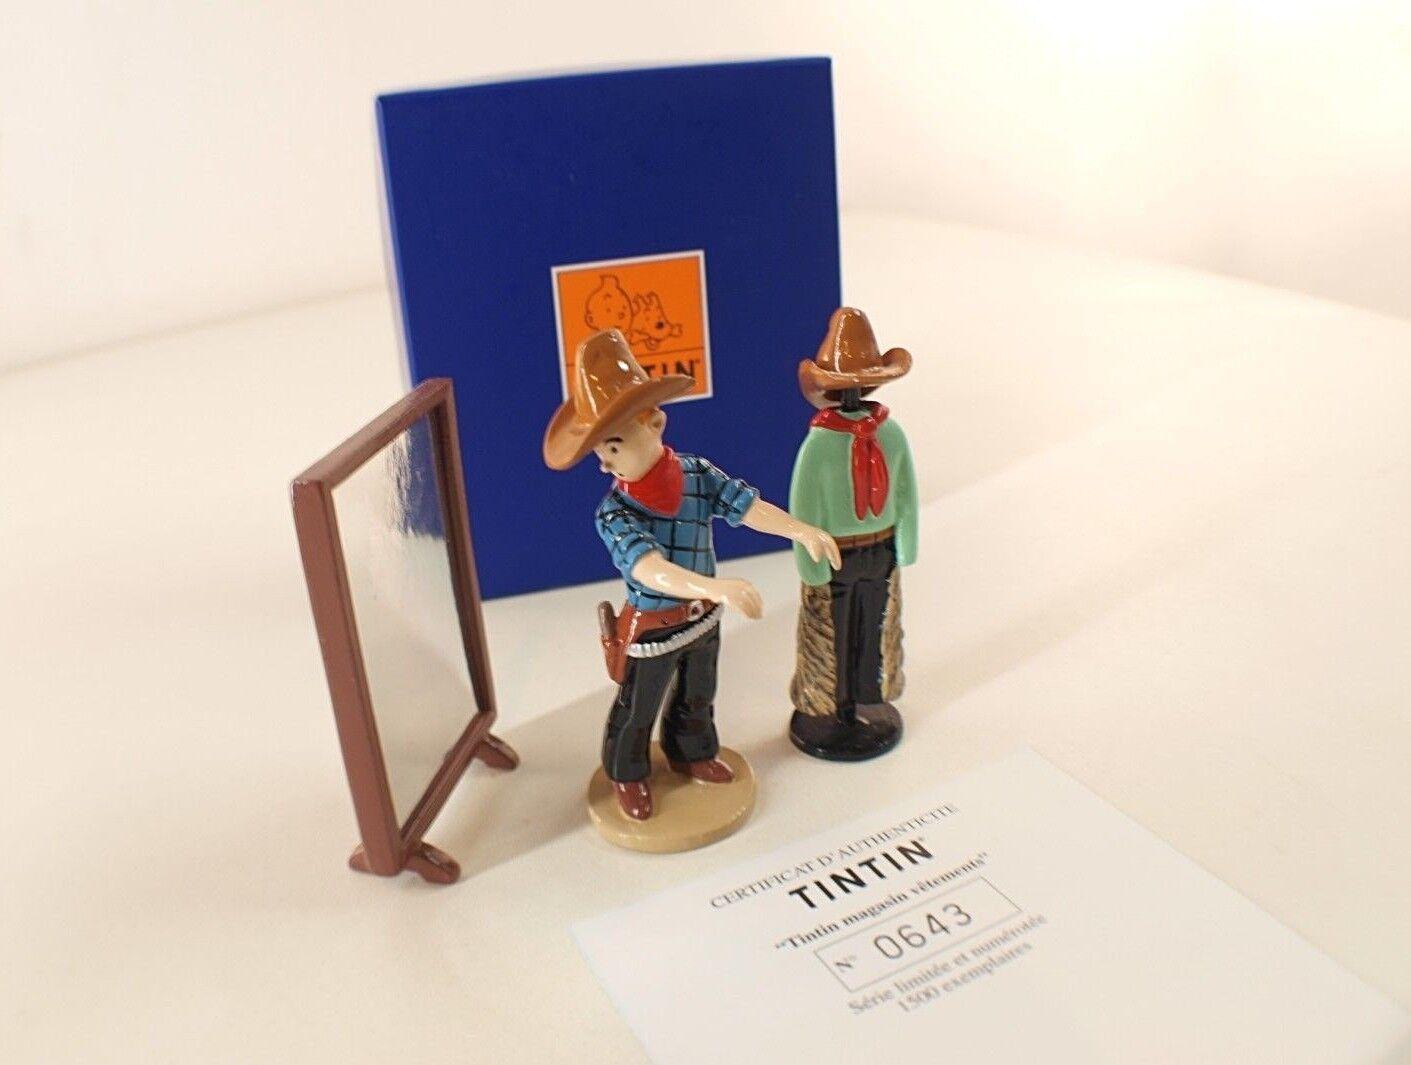 Pixi Nr. 46200 Tim und Struppi Kleidung Shop America Schachtel Blau Moulinsart